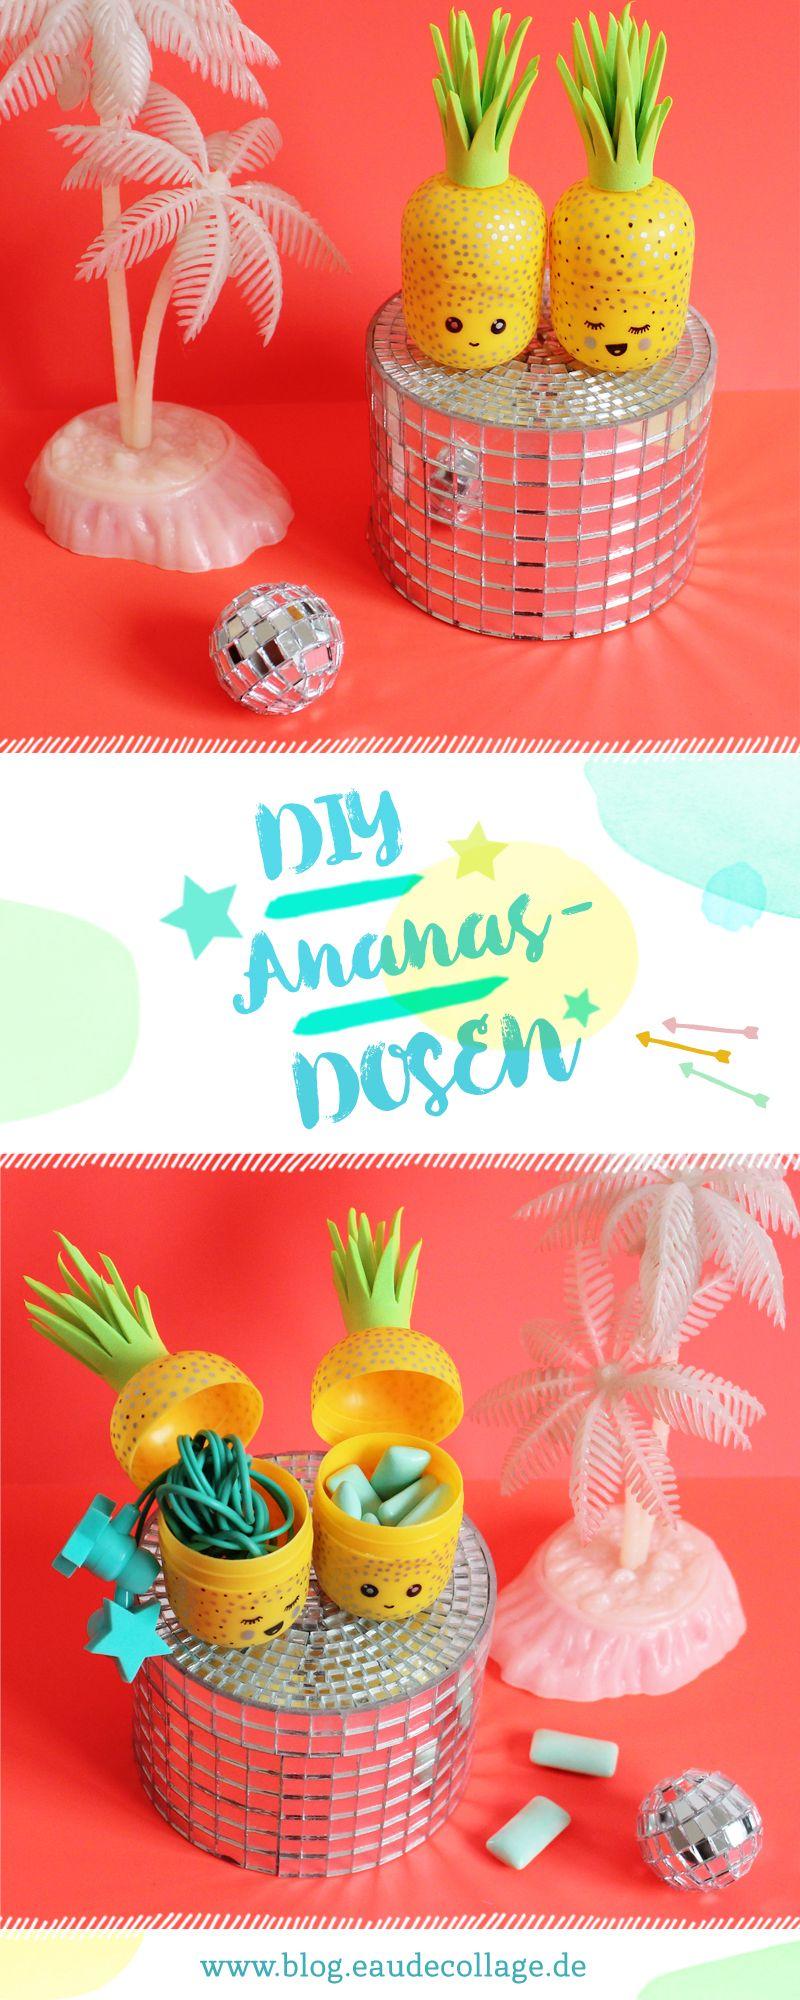 diy ananas kopfh rer aufbewahrung basteln diy und selber machen pinterest basteln diy. Black Bedroom Furniture Sets. Home Design Ideas